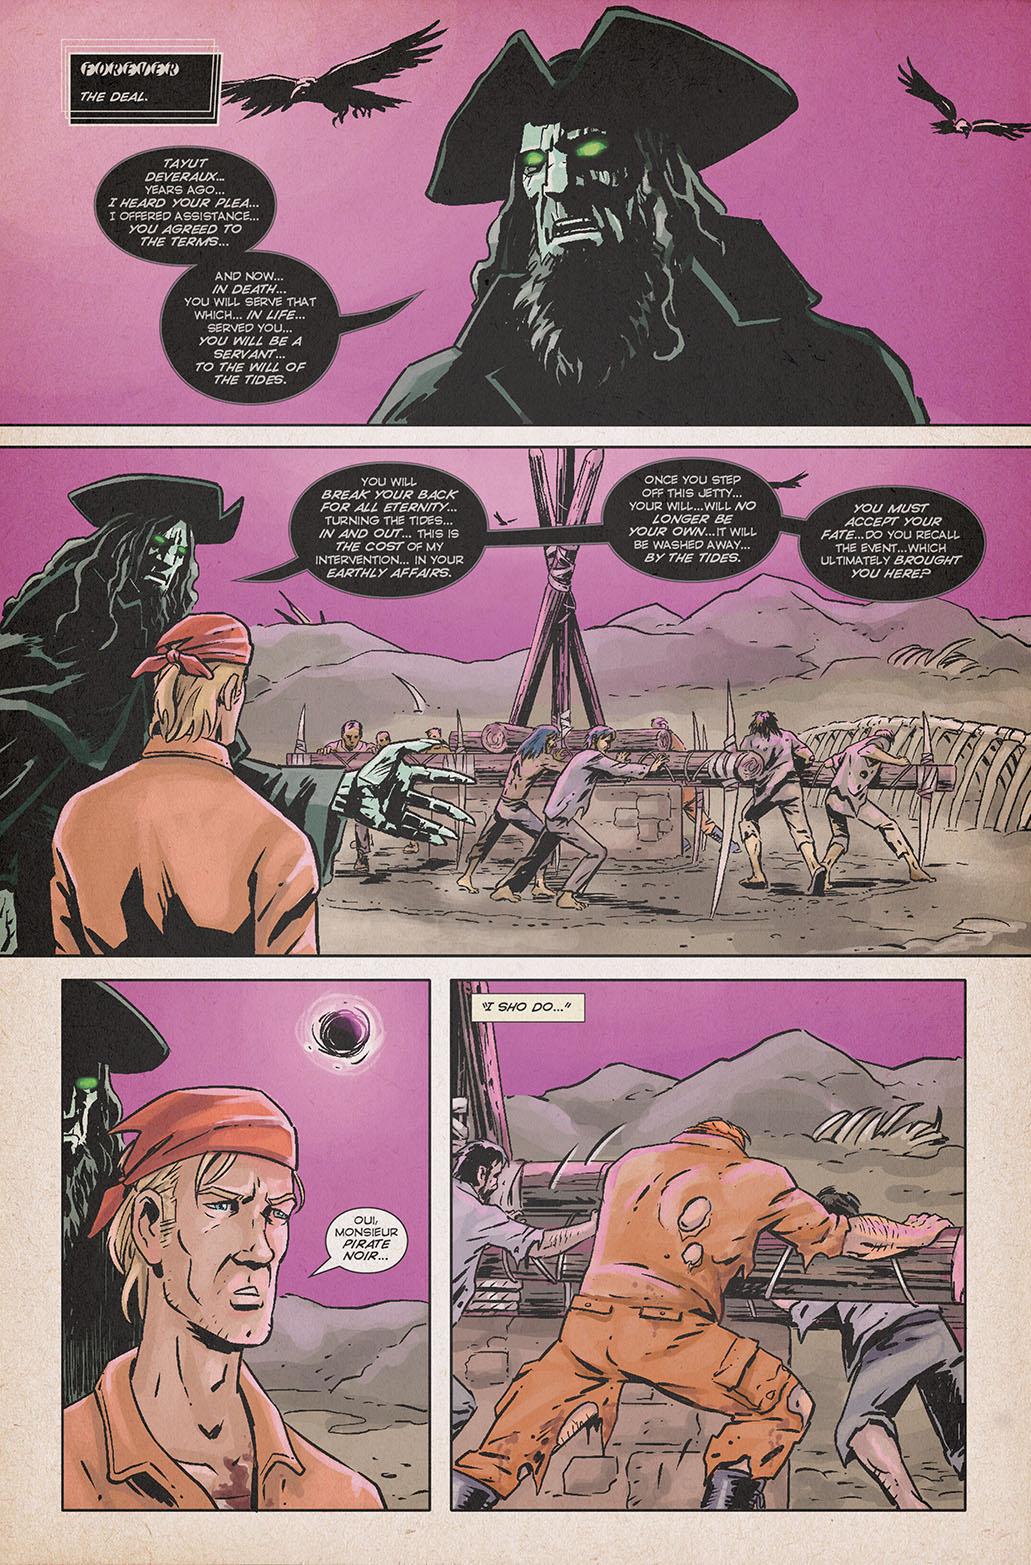 Beyond Familiar Shores 2 – Page 75